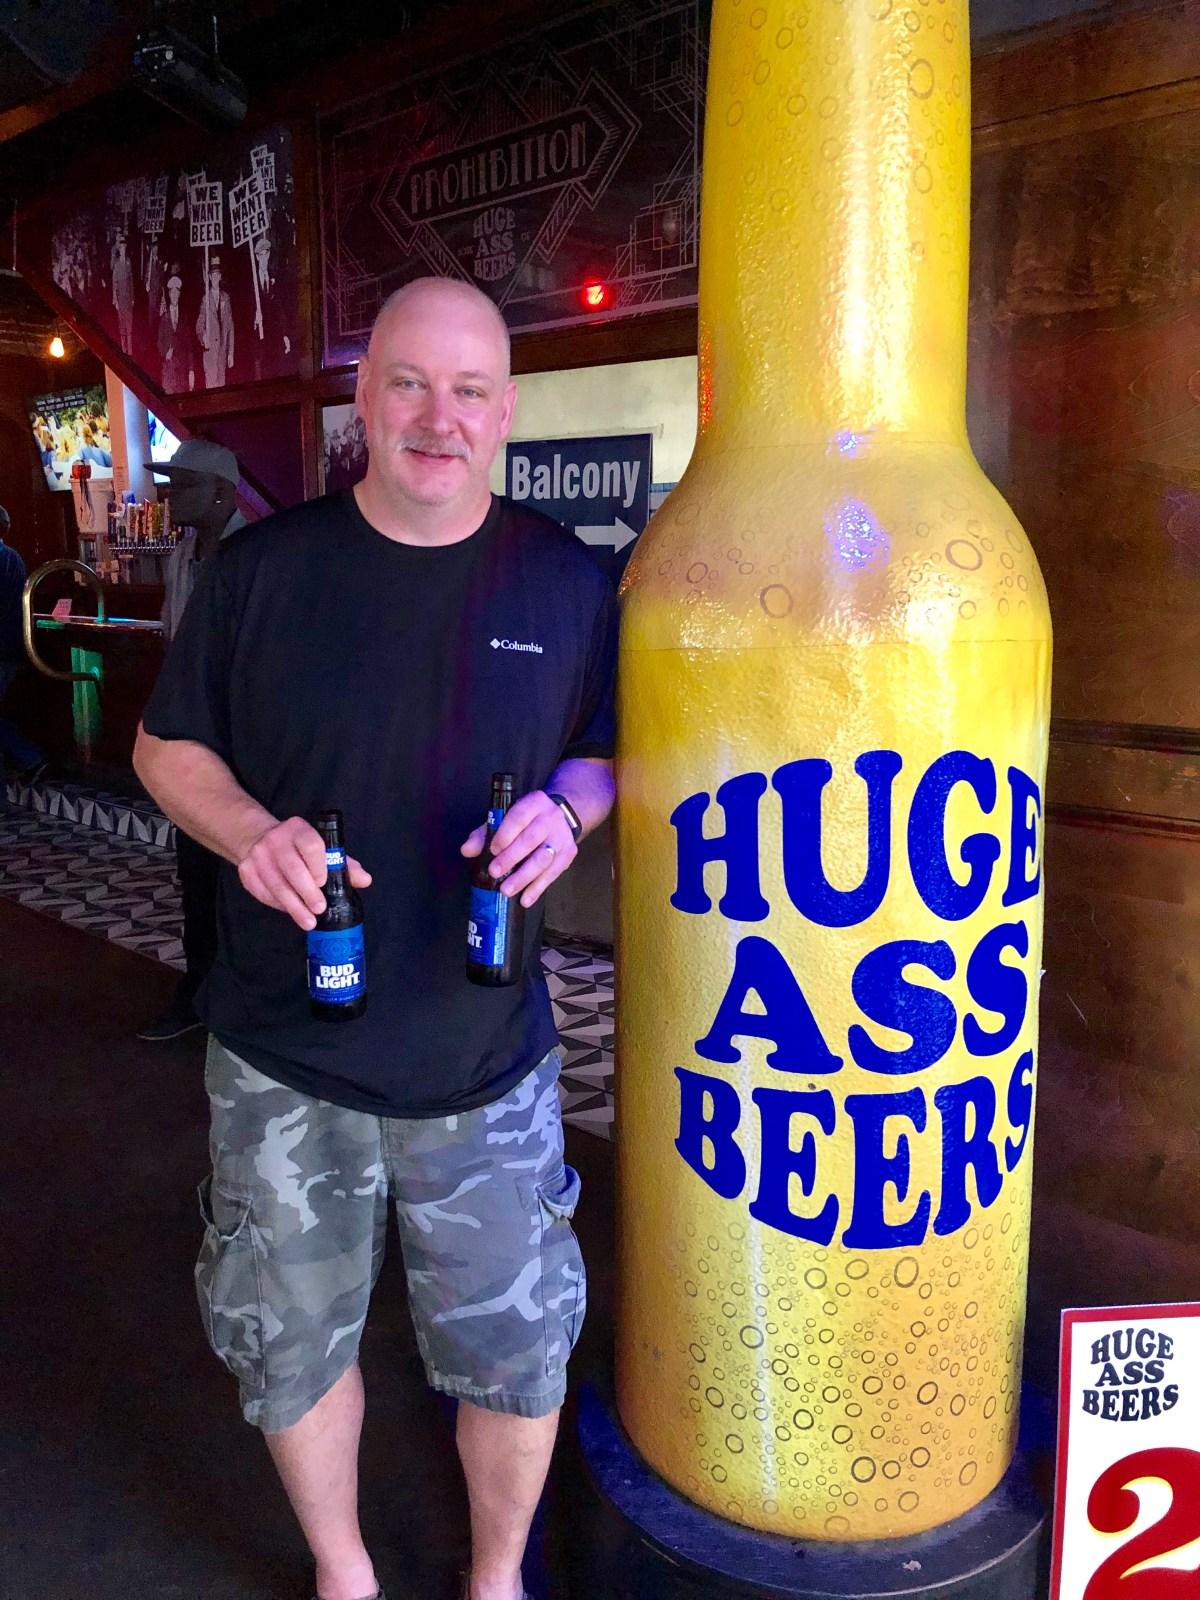 Huge Ass Beers NOLA #neworleanshappyhour #nola #neworleans #mardigras #bourbonstreet